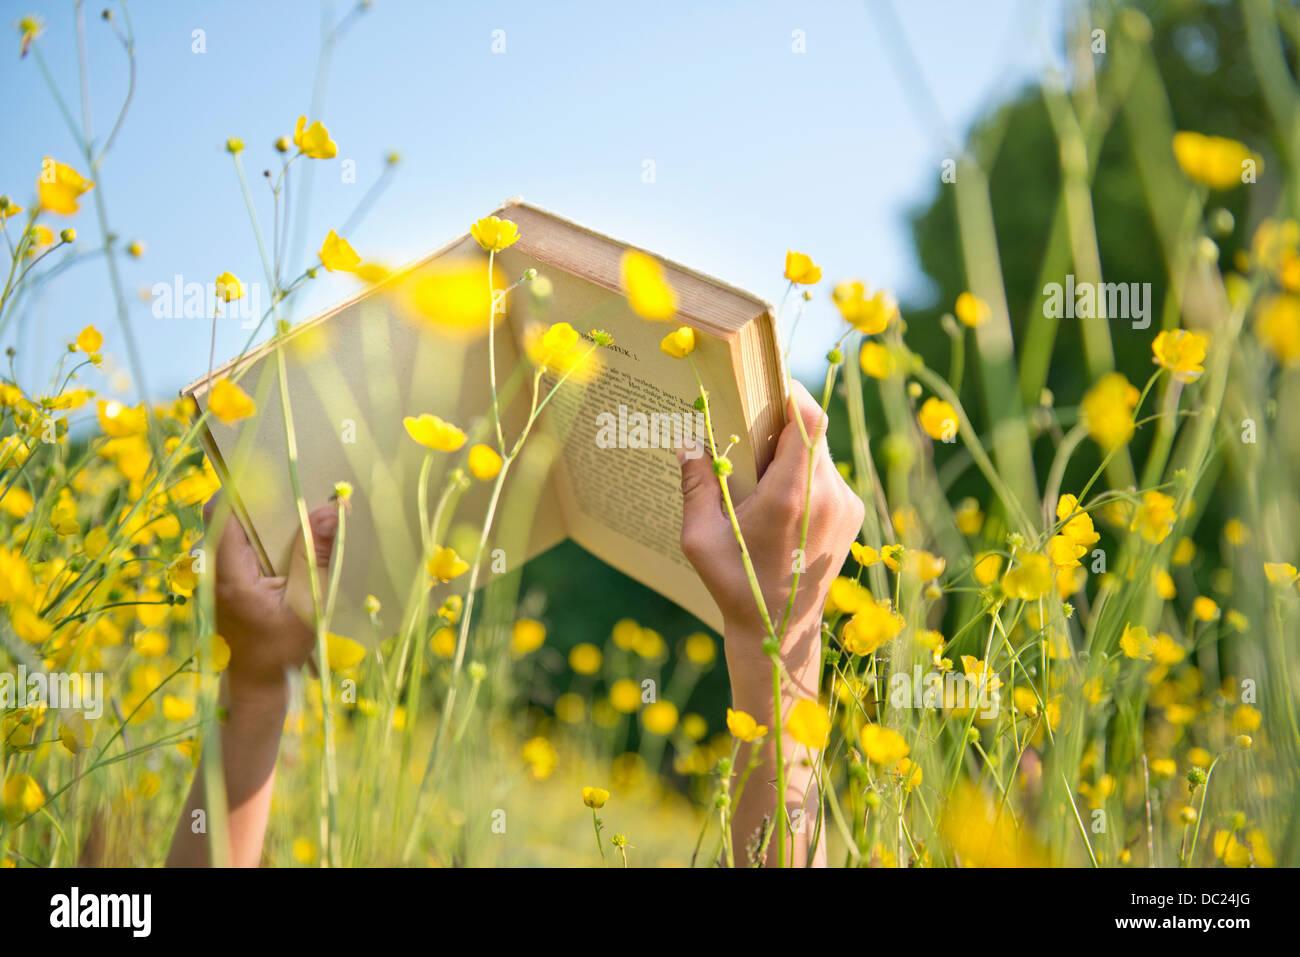 Ritagliato shot del ragazzo in mani libro in erba lunga Immagini Stock